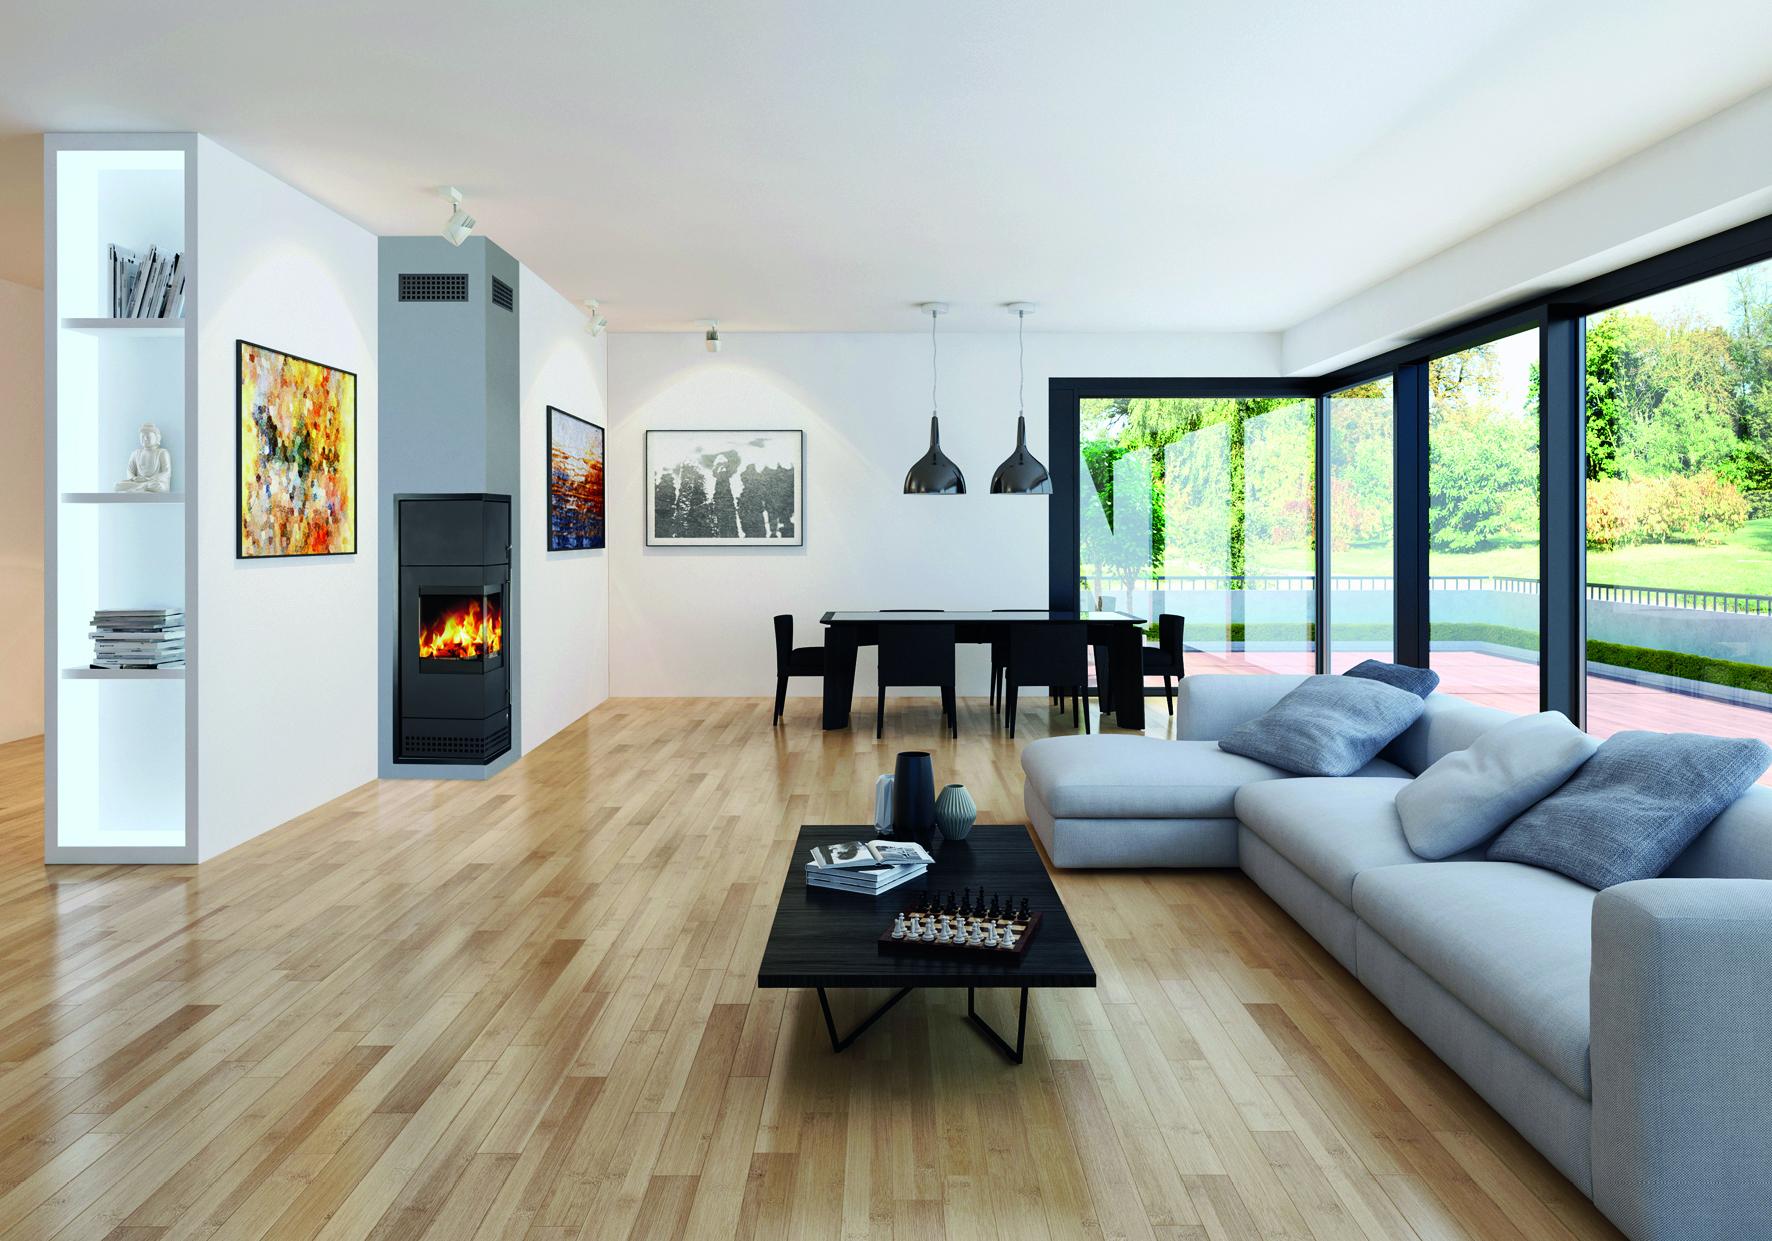 Modernes Wohnzimmer. Ein Schornstein mit integriertem Ofen.